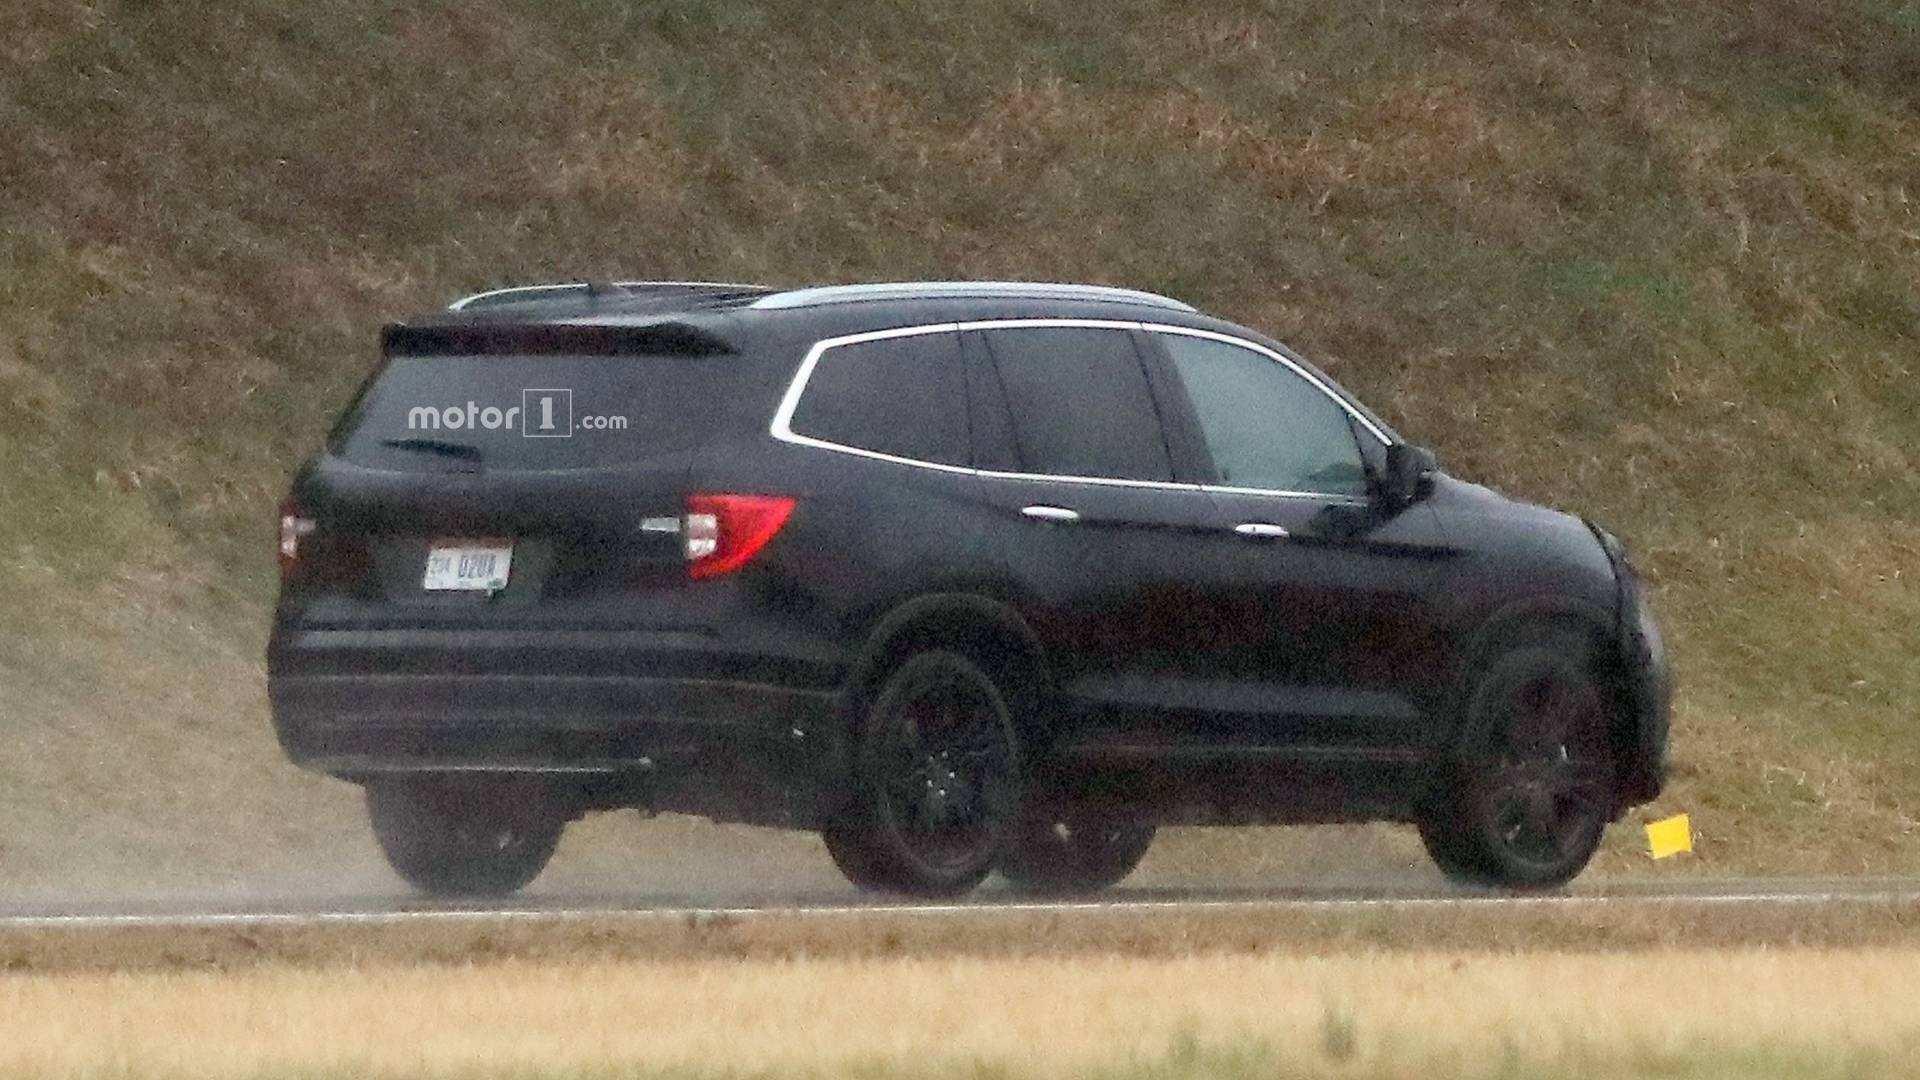 78 New 2020 Honda Pilot Spy Specs and Review with 2020 Honda Pilot Spy